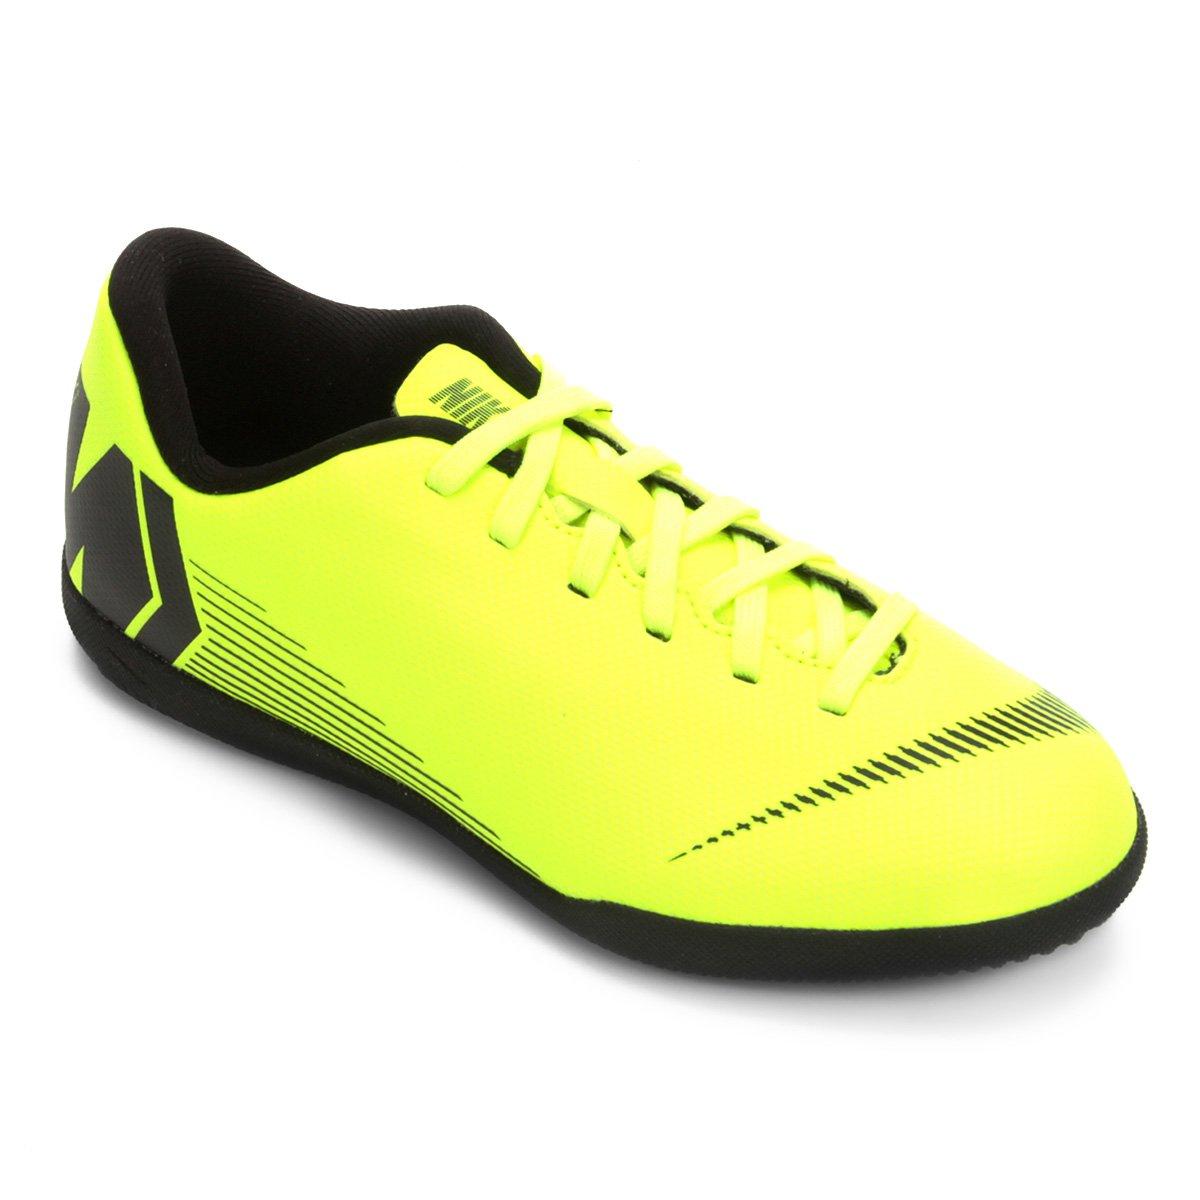 6662cb1ecd Chuteira Futsal Infantil Nike Mercurial Vapor 12 Club - Compre Agora ...